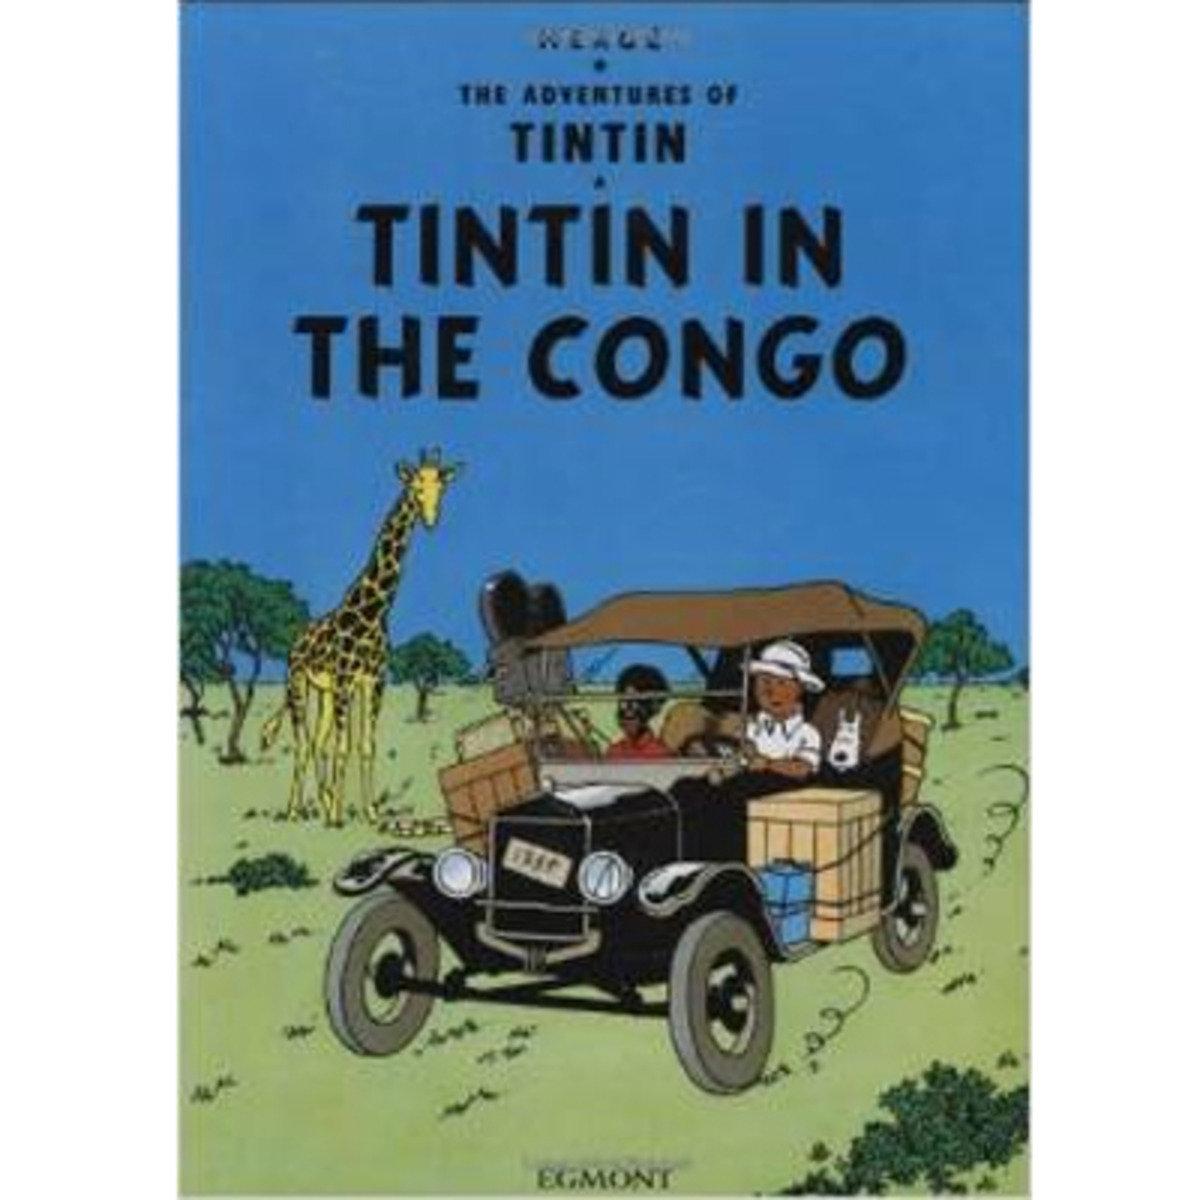 TINTIN IN THE CONGO 9781405220989